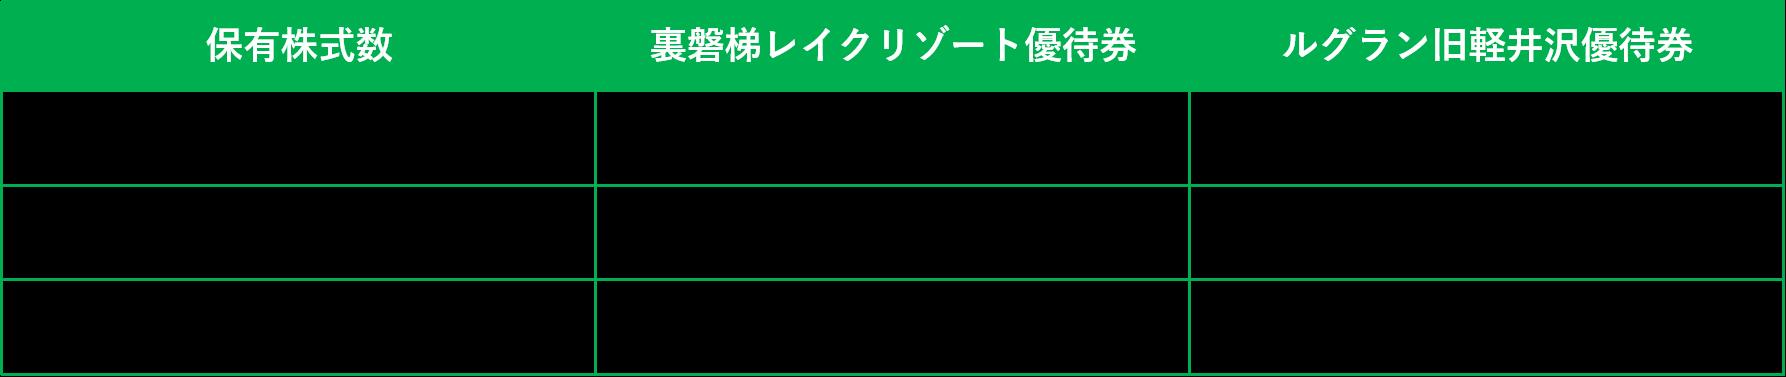 ベルーナ優待2